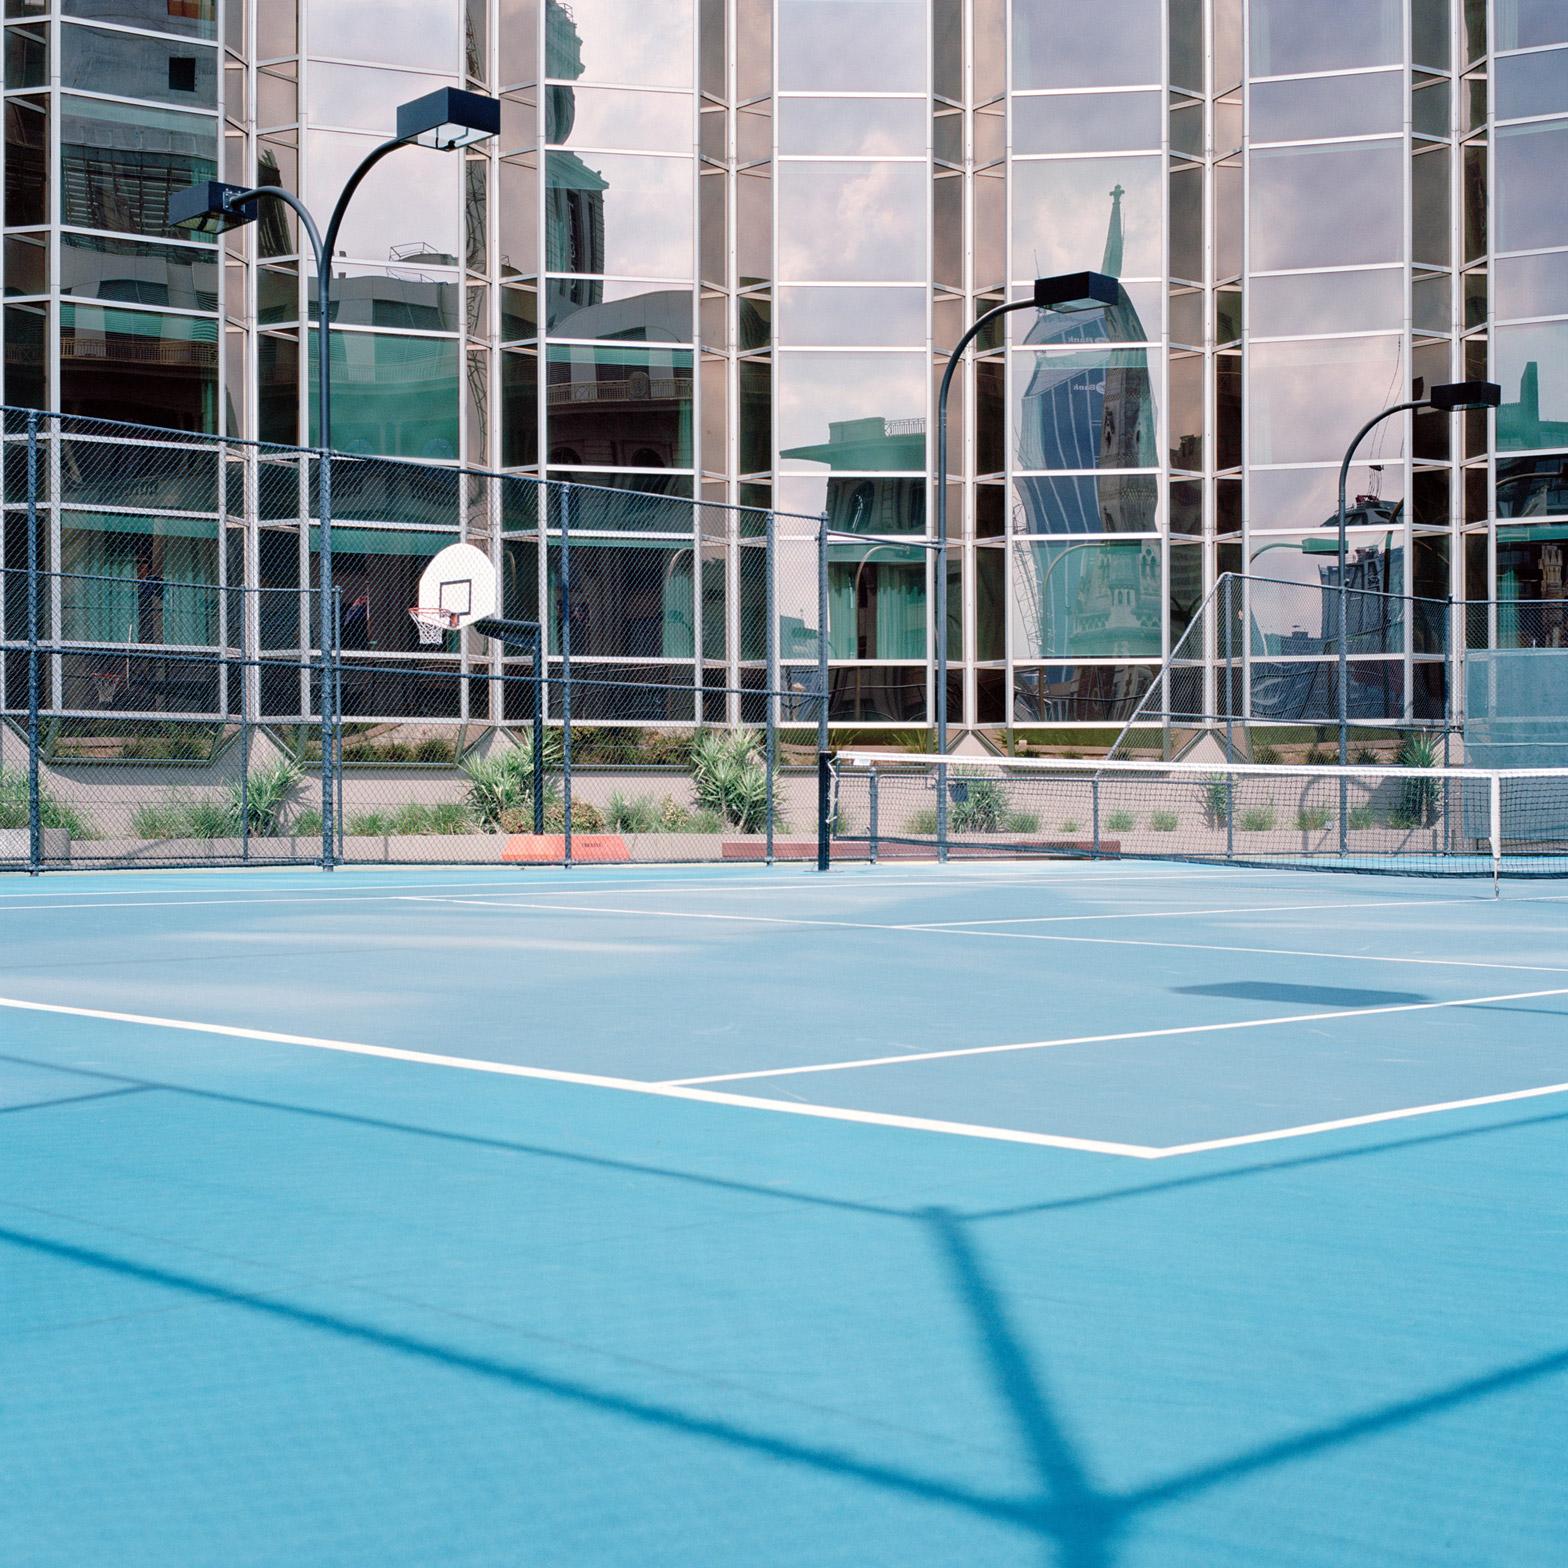 courts-by-ward-roberts_dezeen_1568_31.jpg